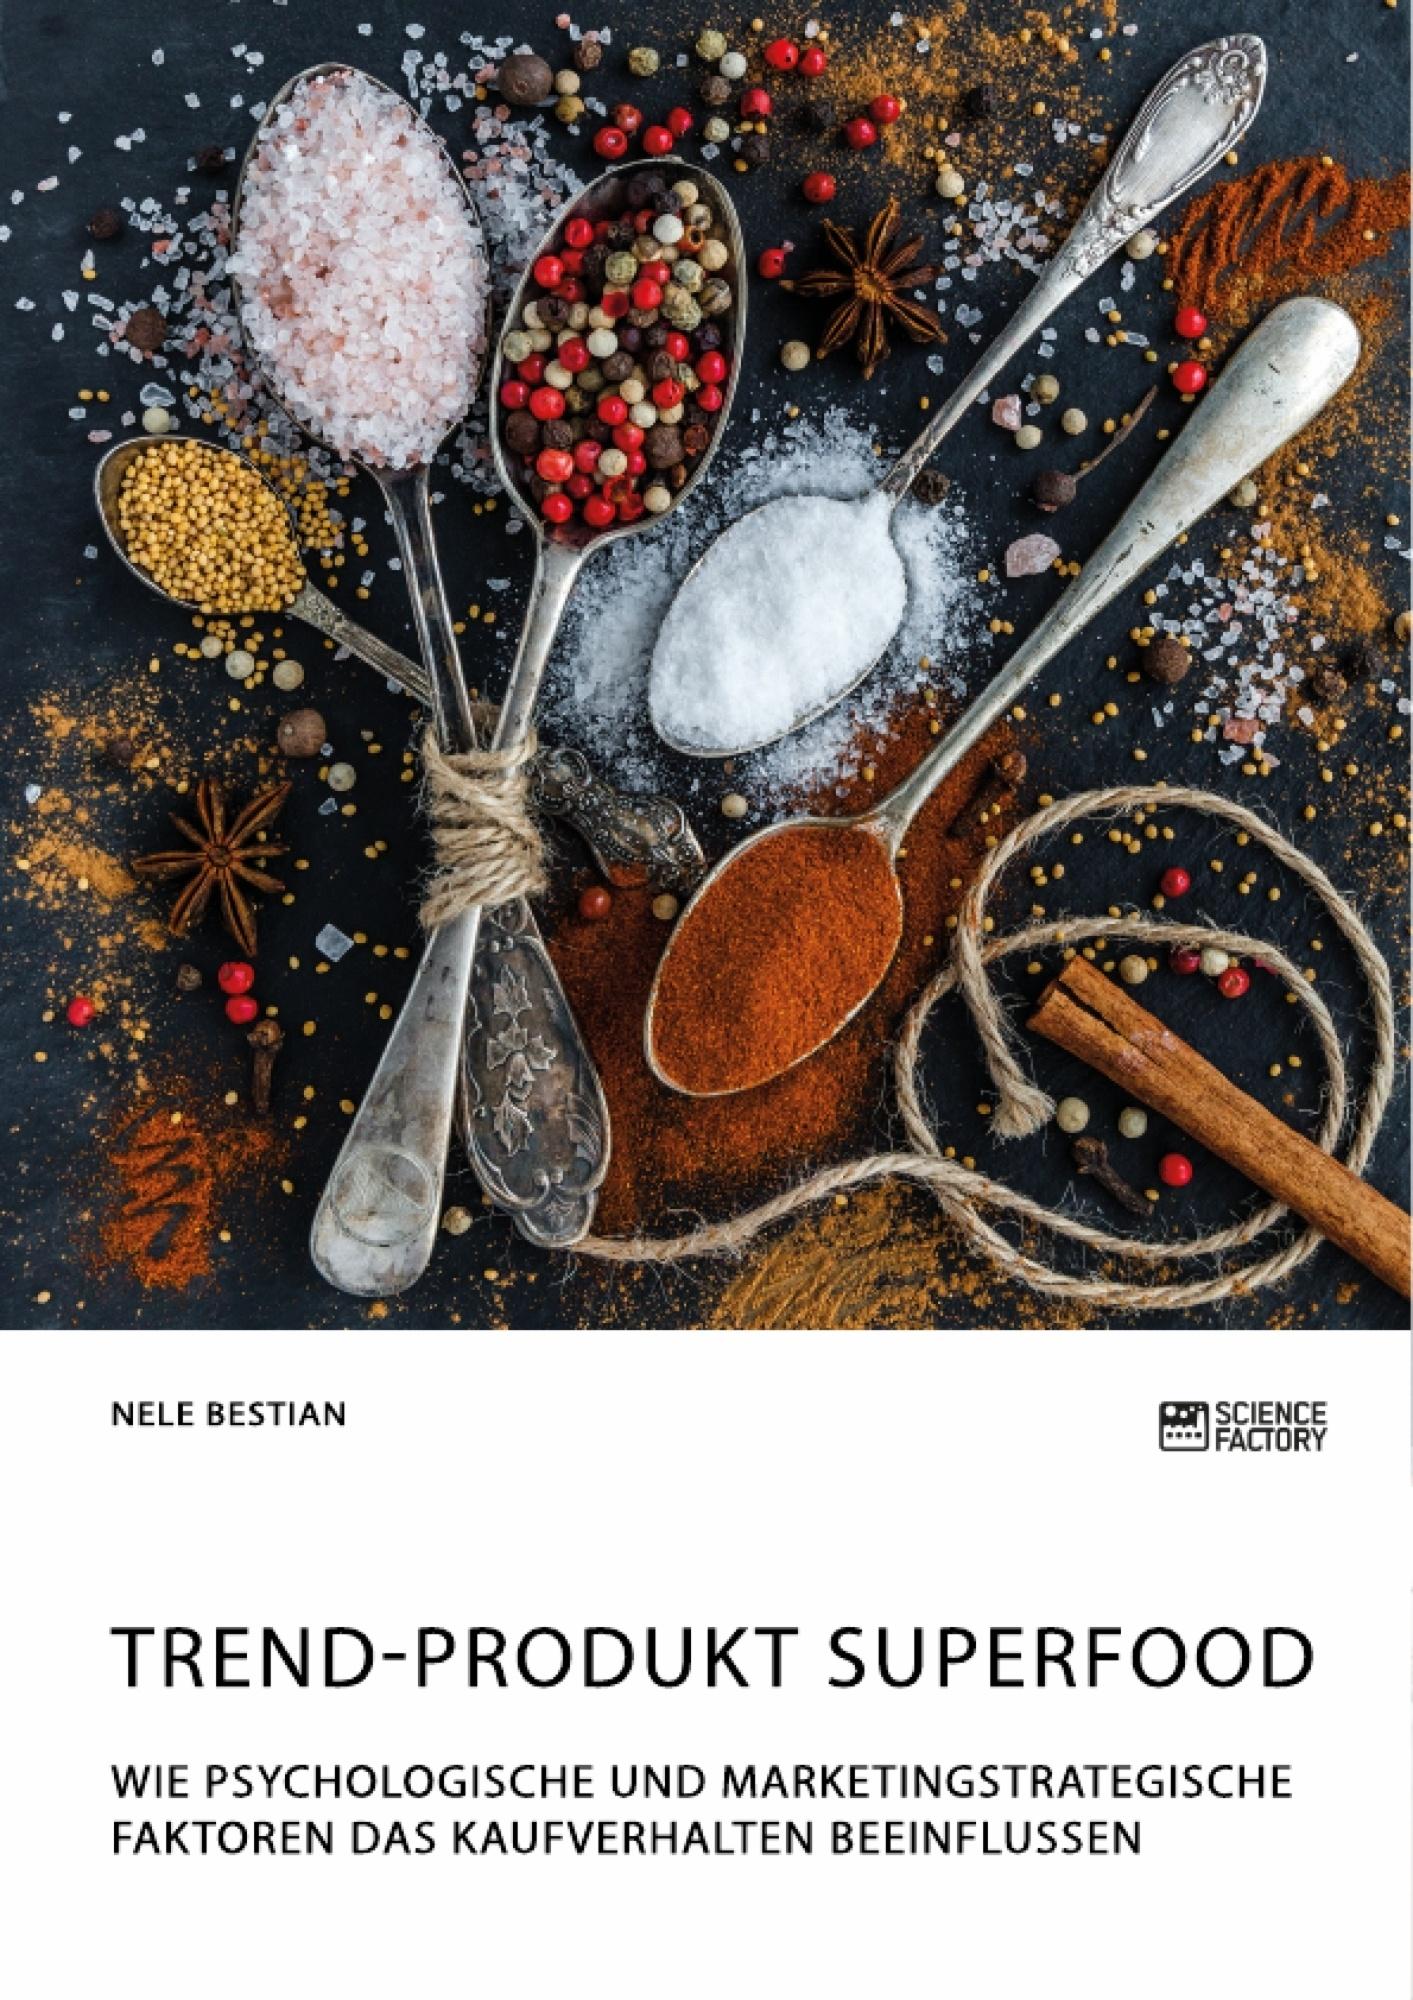 Titel: Trend-Produkt Superfood. Wie psychologische und marketingstrategische Faktoren das Kaufverhalten beeinflussen